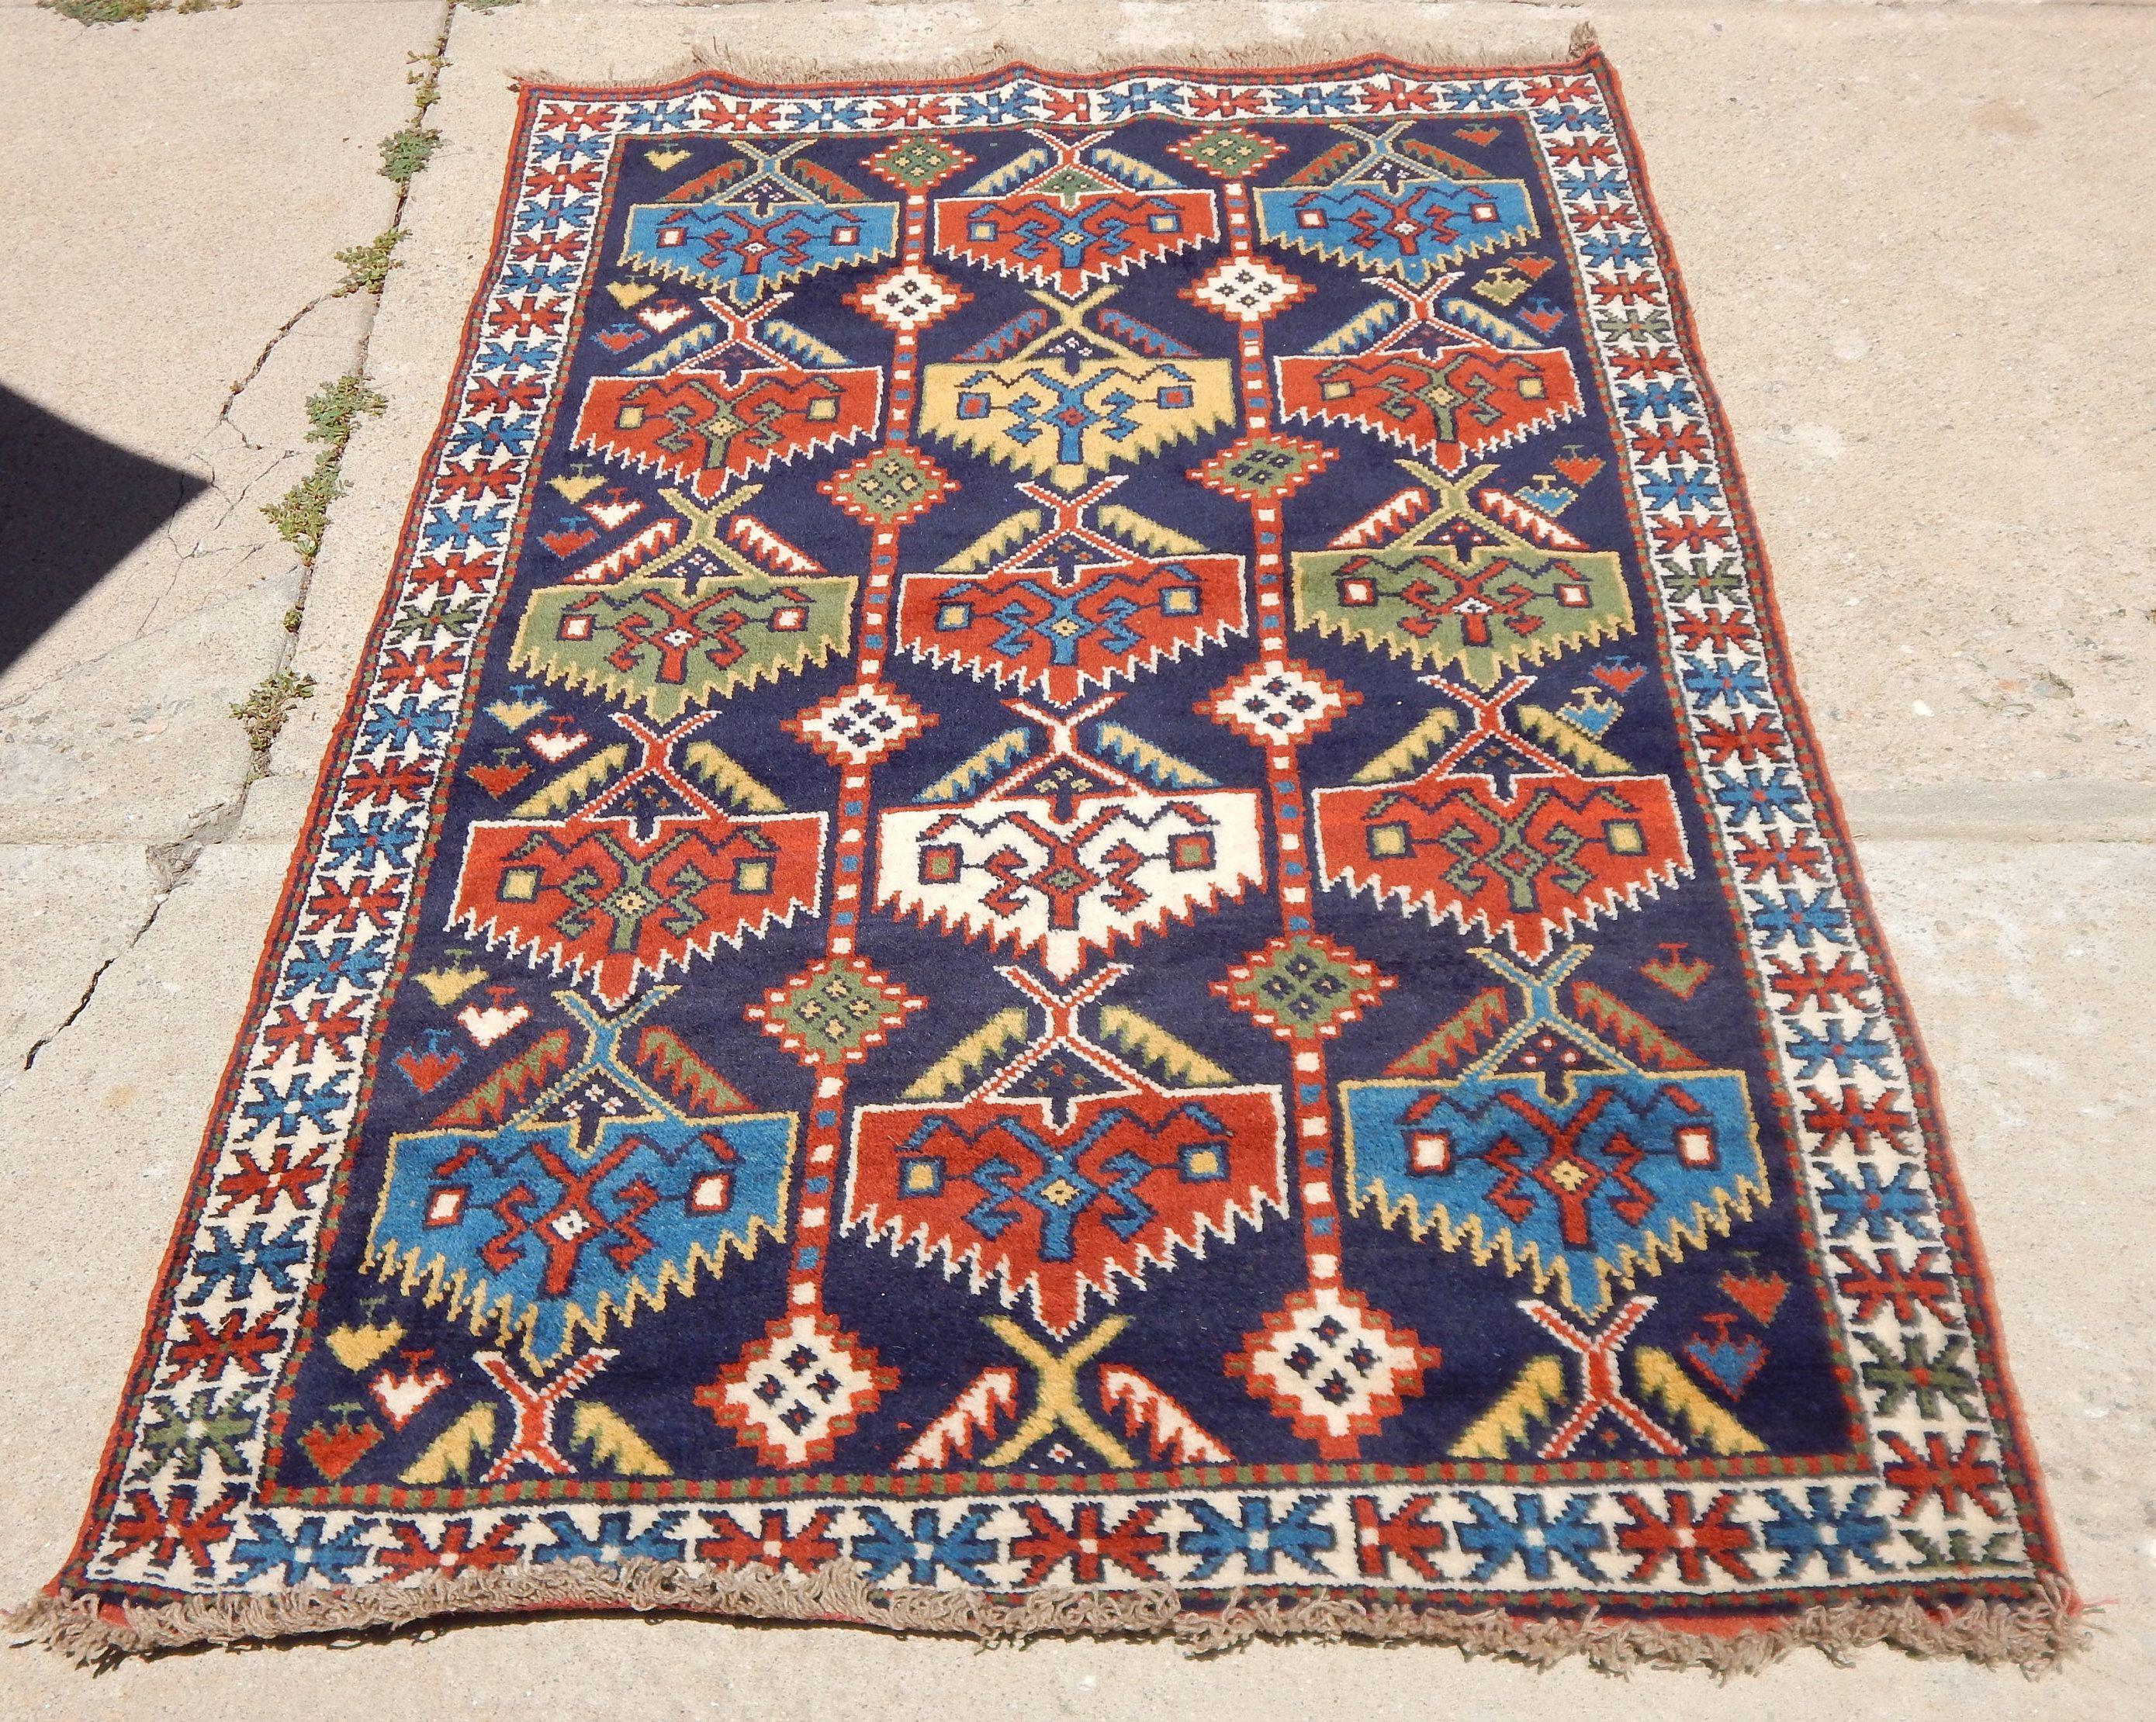 Vintage Afghan Tribal Village Rug Etsy Rugs Tribal Rug Afghan Rugs